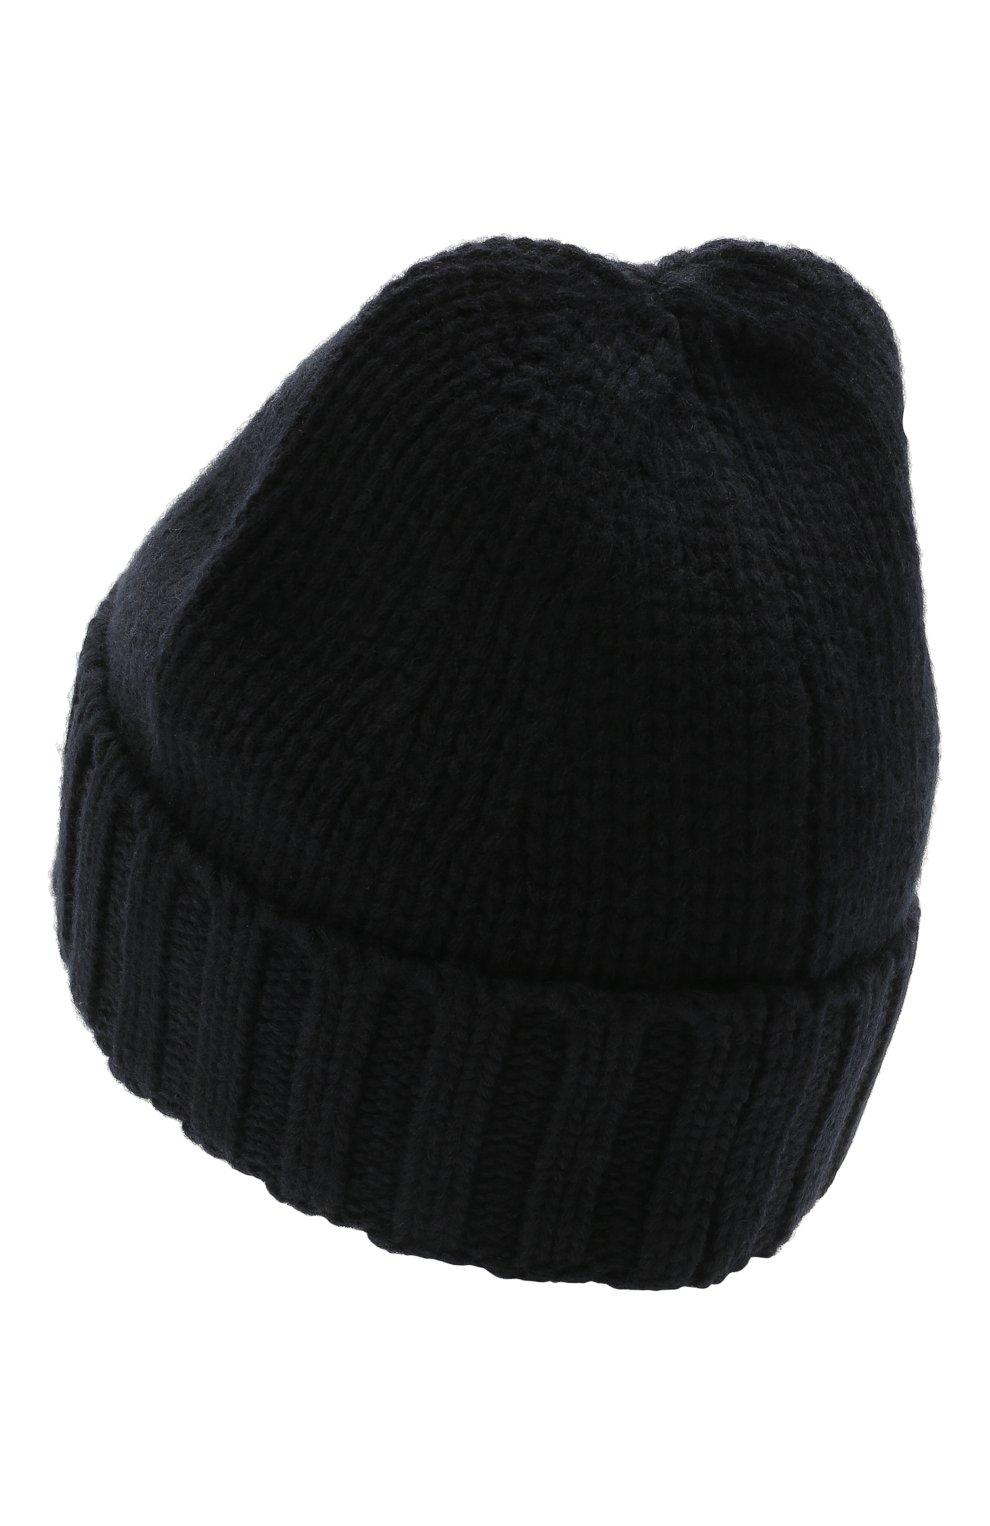 Мужская шерстяная шапка STONE ISLAND темно-синего цвета, арт. 7515N17D6 | Фото 2 (Материал: Шерсть; Кросс-КТ: Трикотаж)